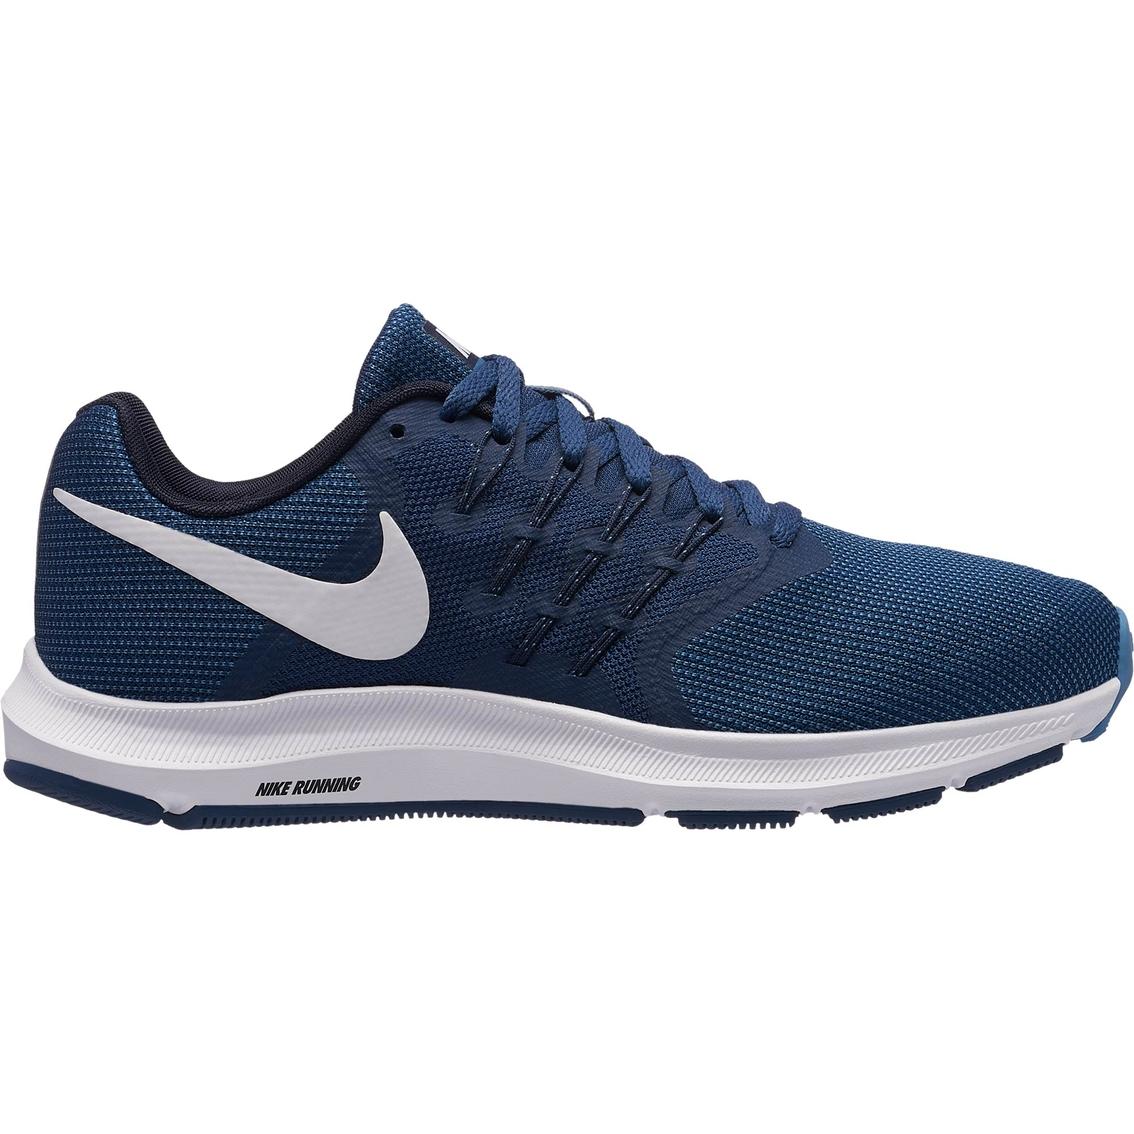 b2b48473ffd Nike Women s Run Swift Running Shoes